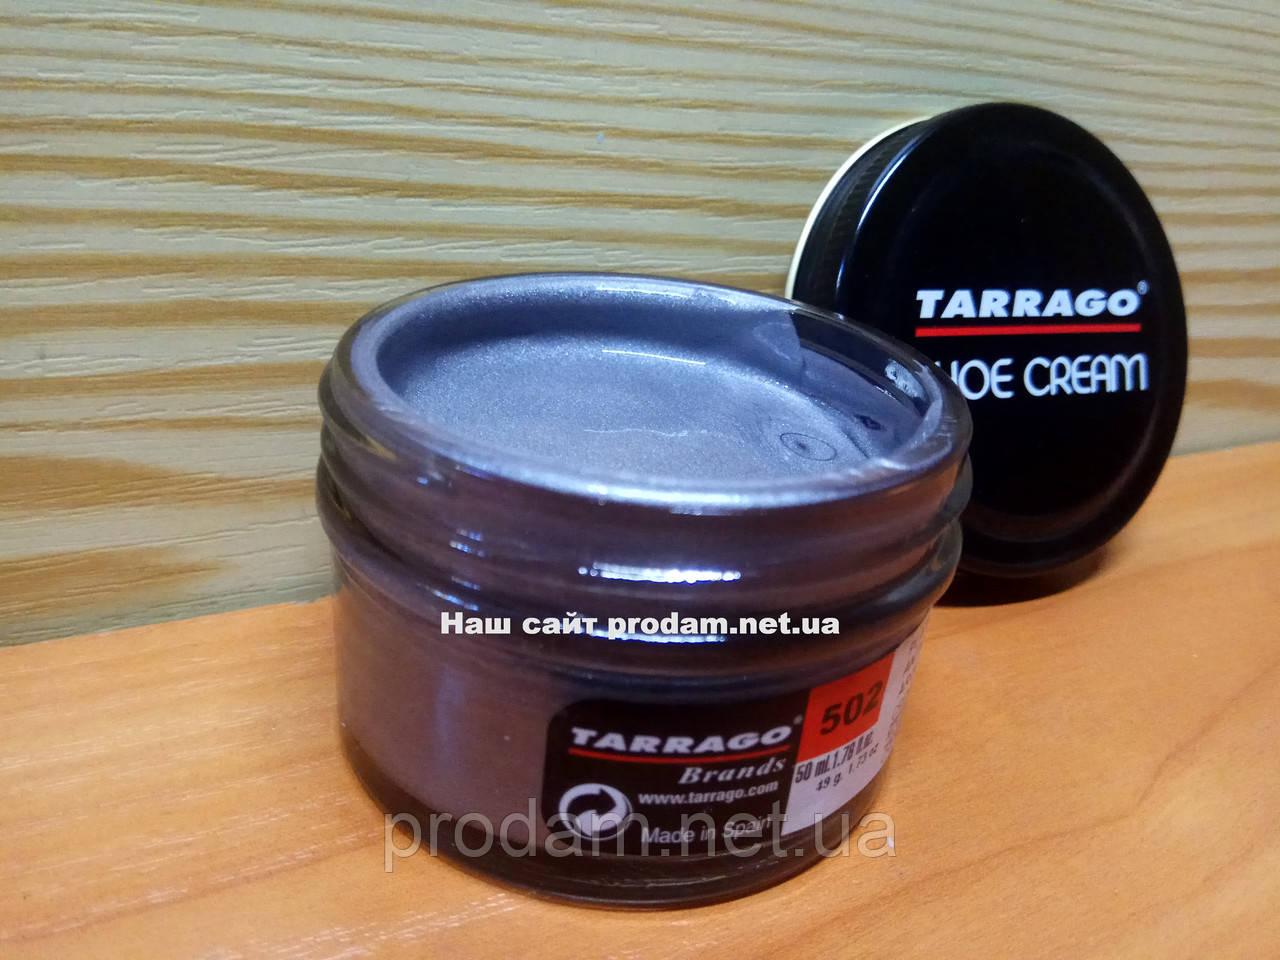 Крем для взуття Tarrago 50 мл колір подстареное срібло